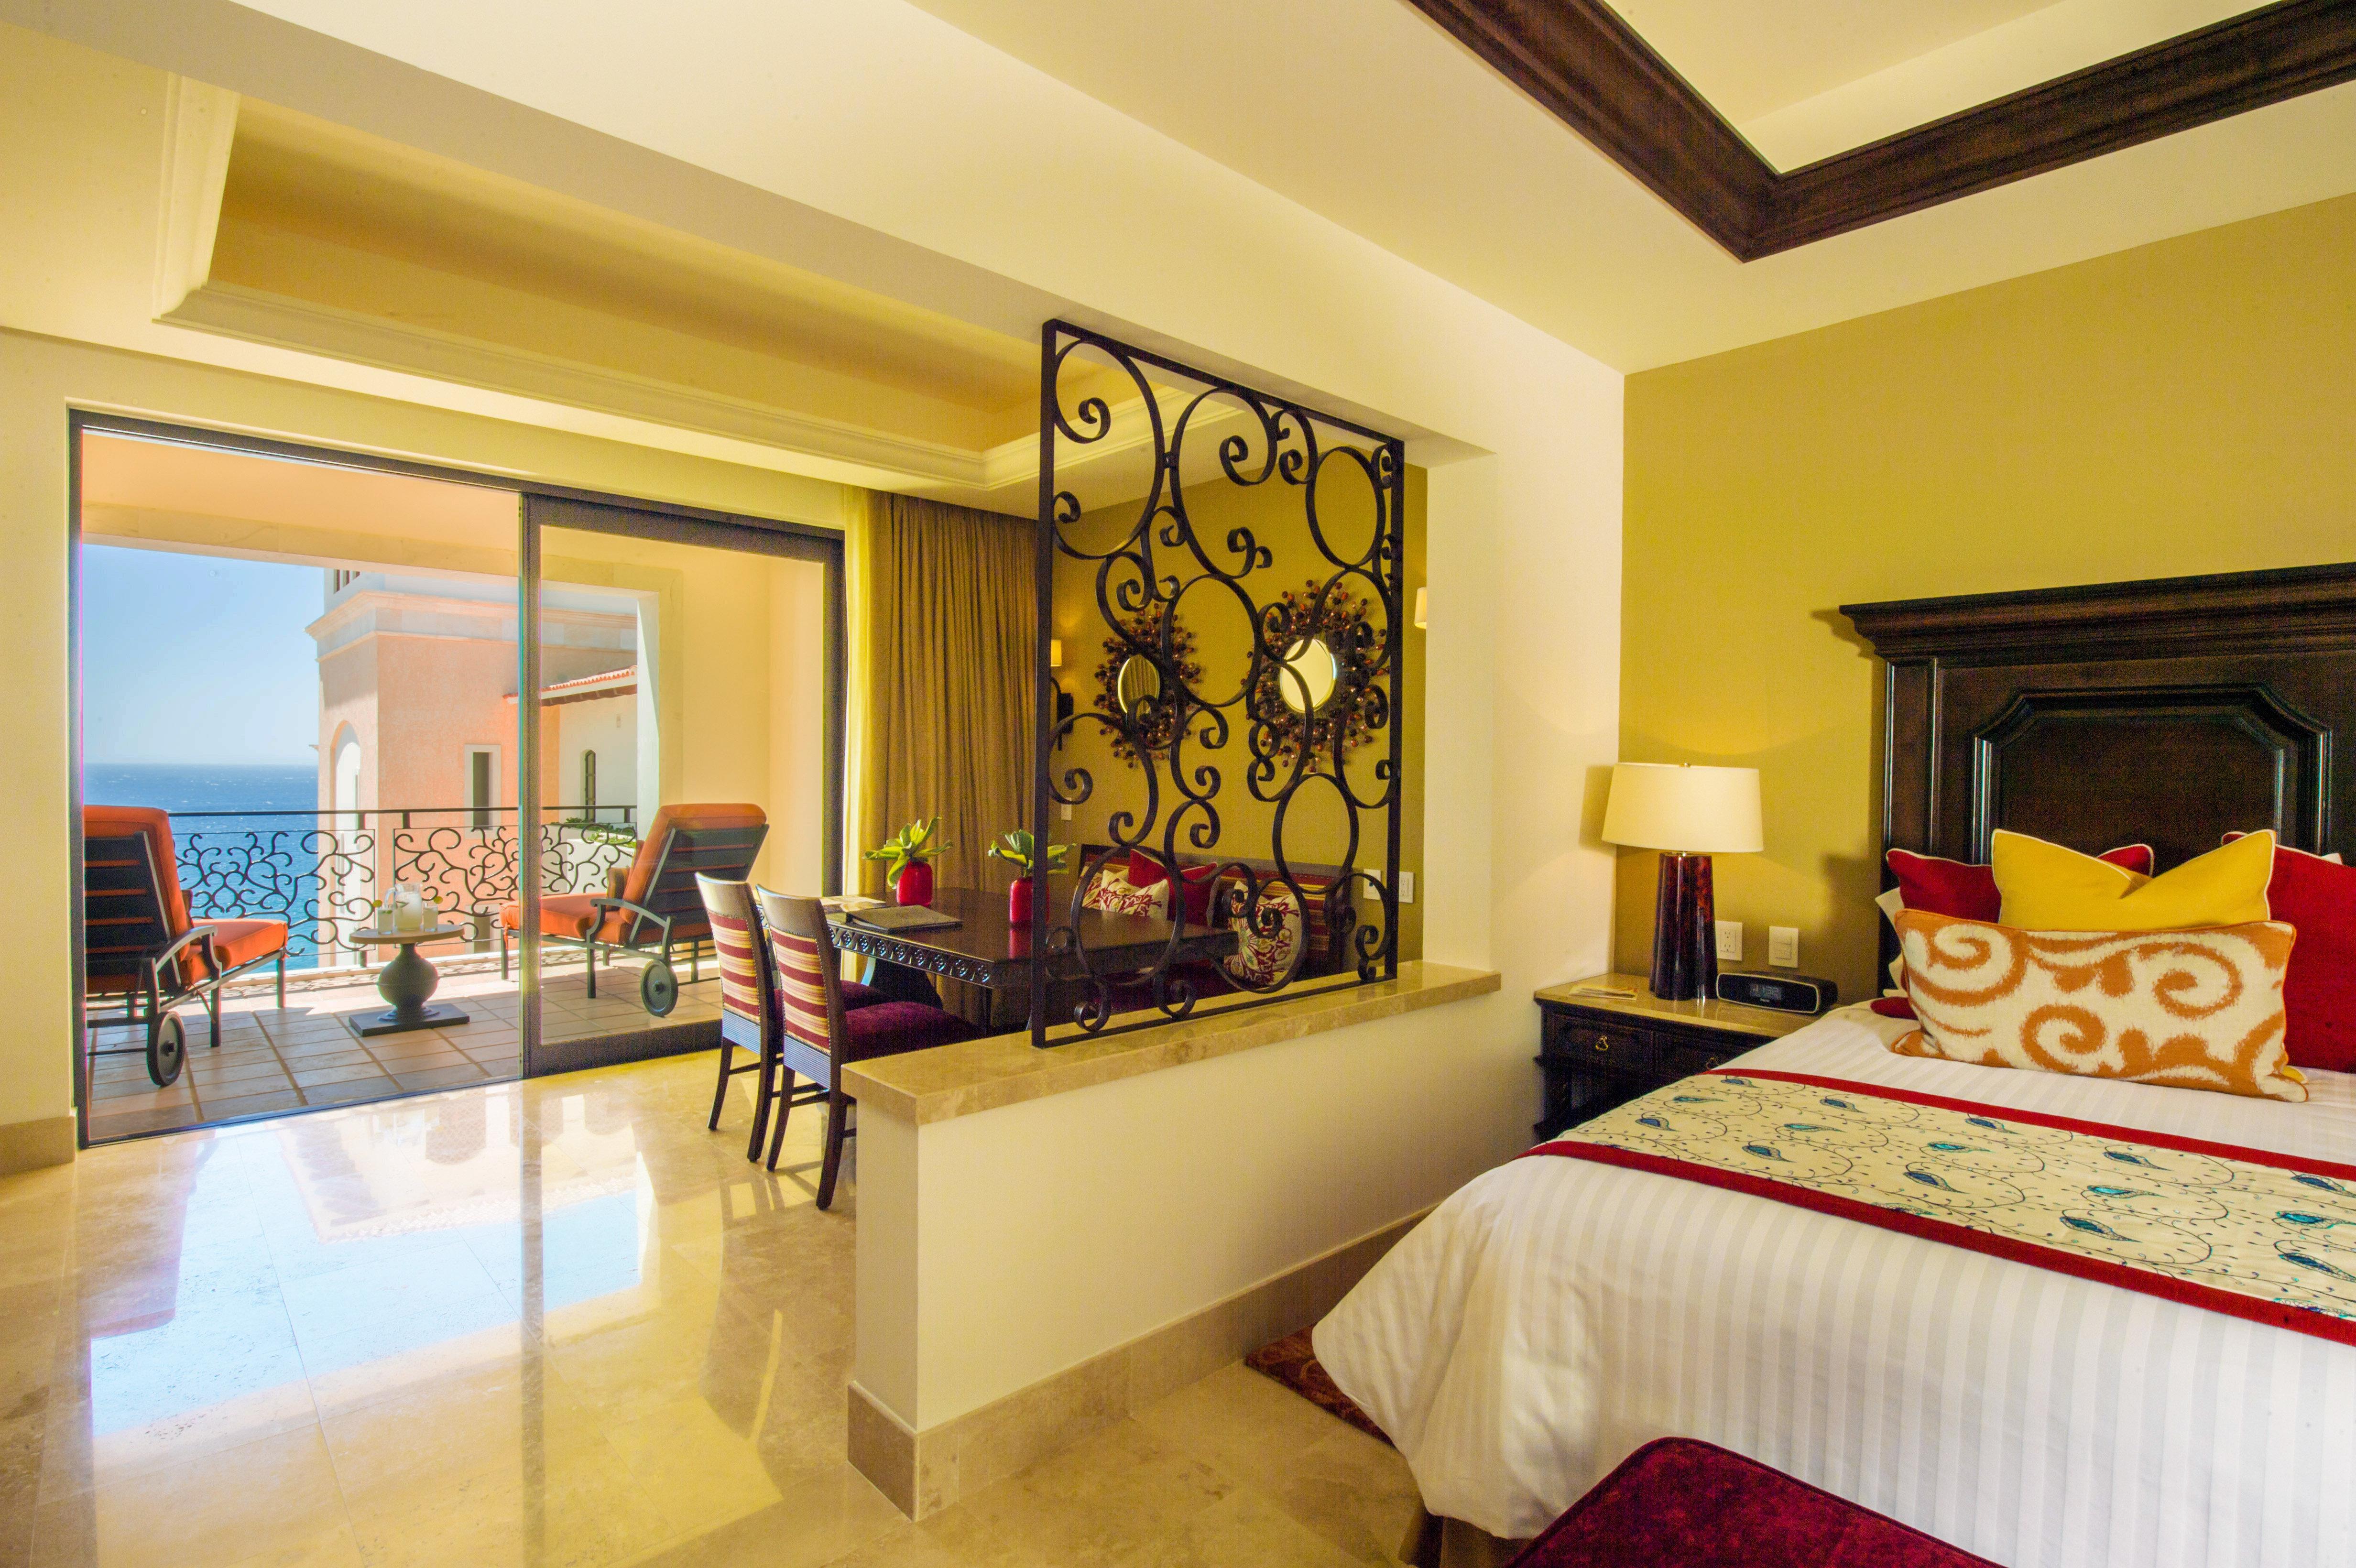 Trip Ideas indoor wall floor bed room property ceiling estate Suite real estate living room interior design home Bedroom Villa hotel mansion cottage furniture